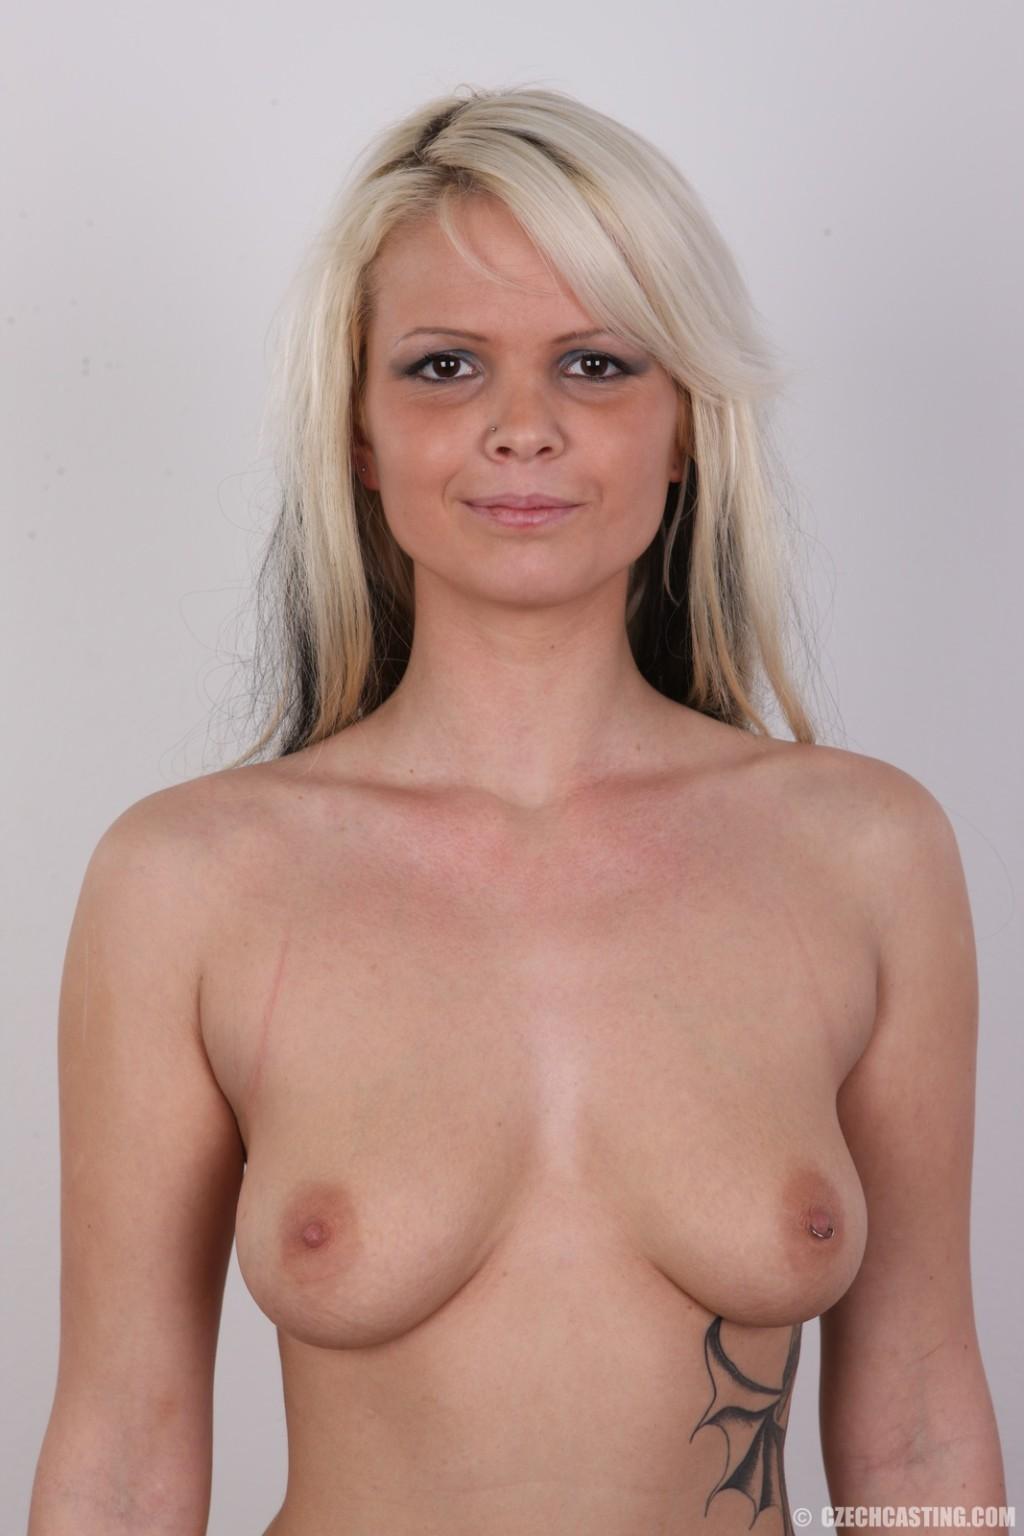 Блондинка пришла на порно кастинг и позирует обнаженная стоя